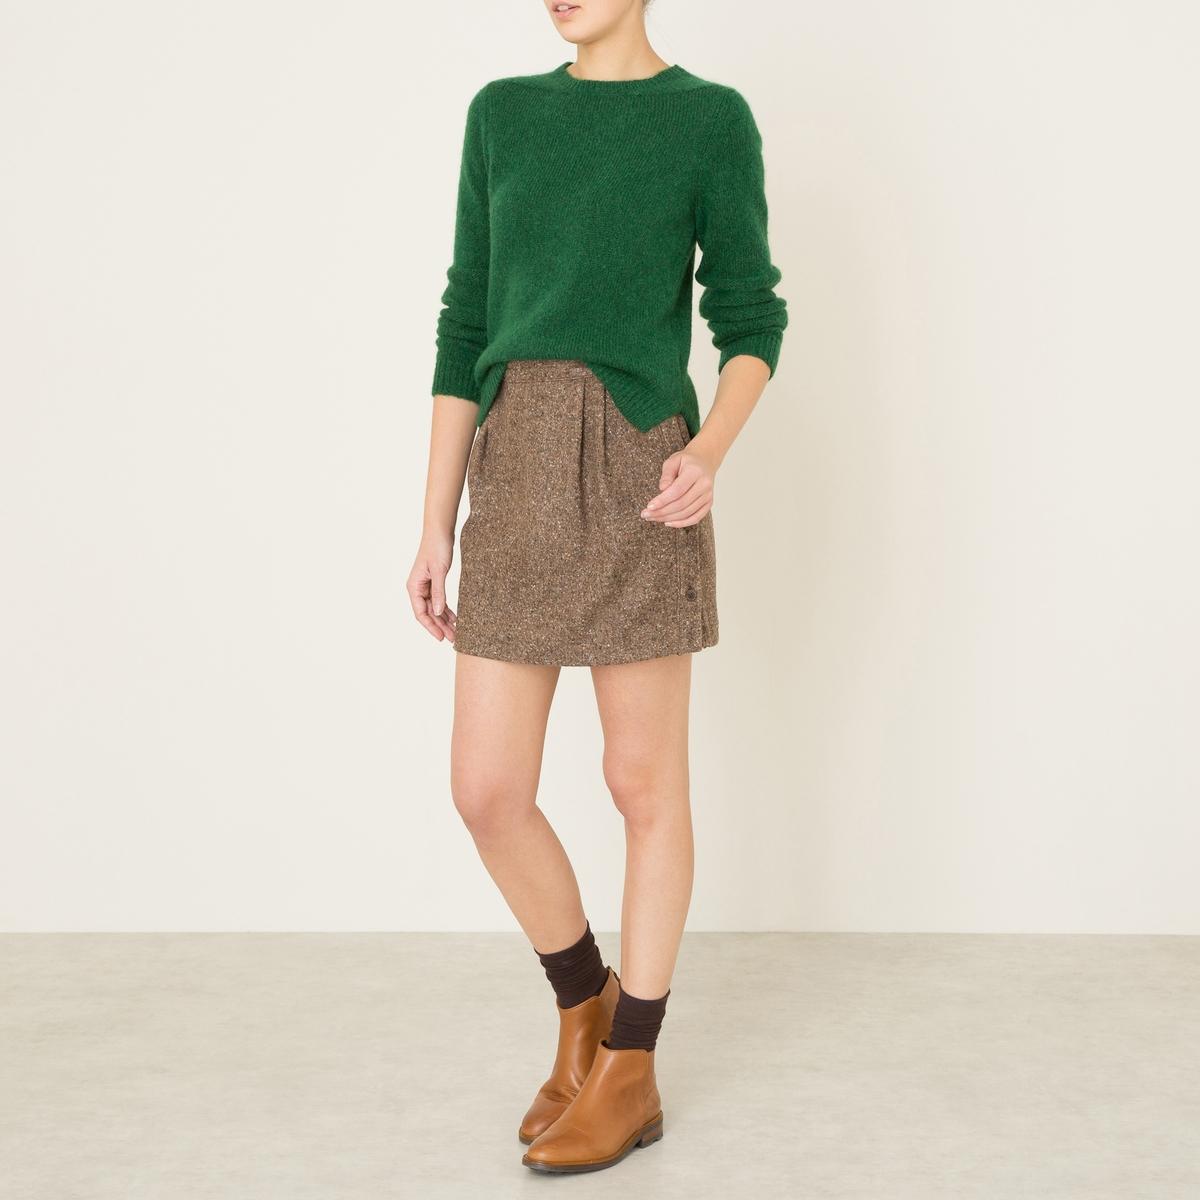 Юбка короткая AGATHEКороткая юбка SOEUR - модель AGATHE. Из шерстяного драпа в крапинку. Вытачки на поясе. Застёжка на пуговицы сбоку.Состав и описание Материал : 64% шерсти, 22% полиамида, 12% шелка, 2% других волоконМарка : SOEUR<br><br>Цвет: охра